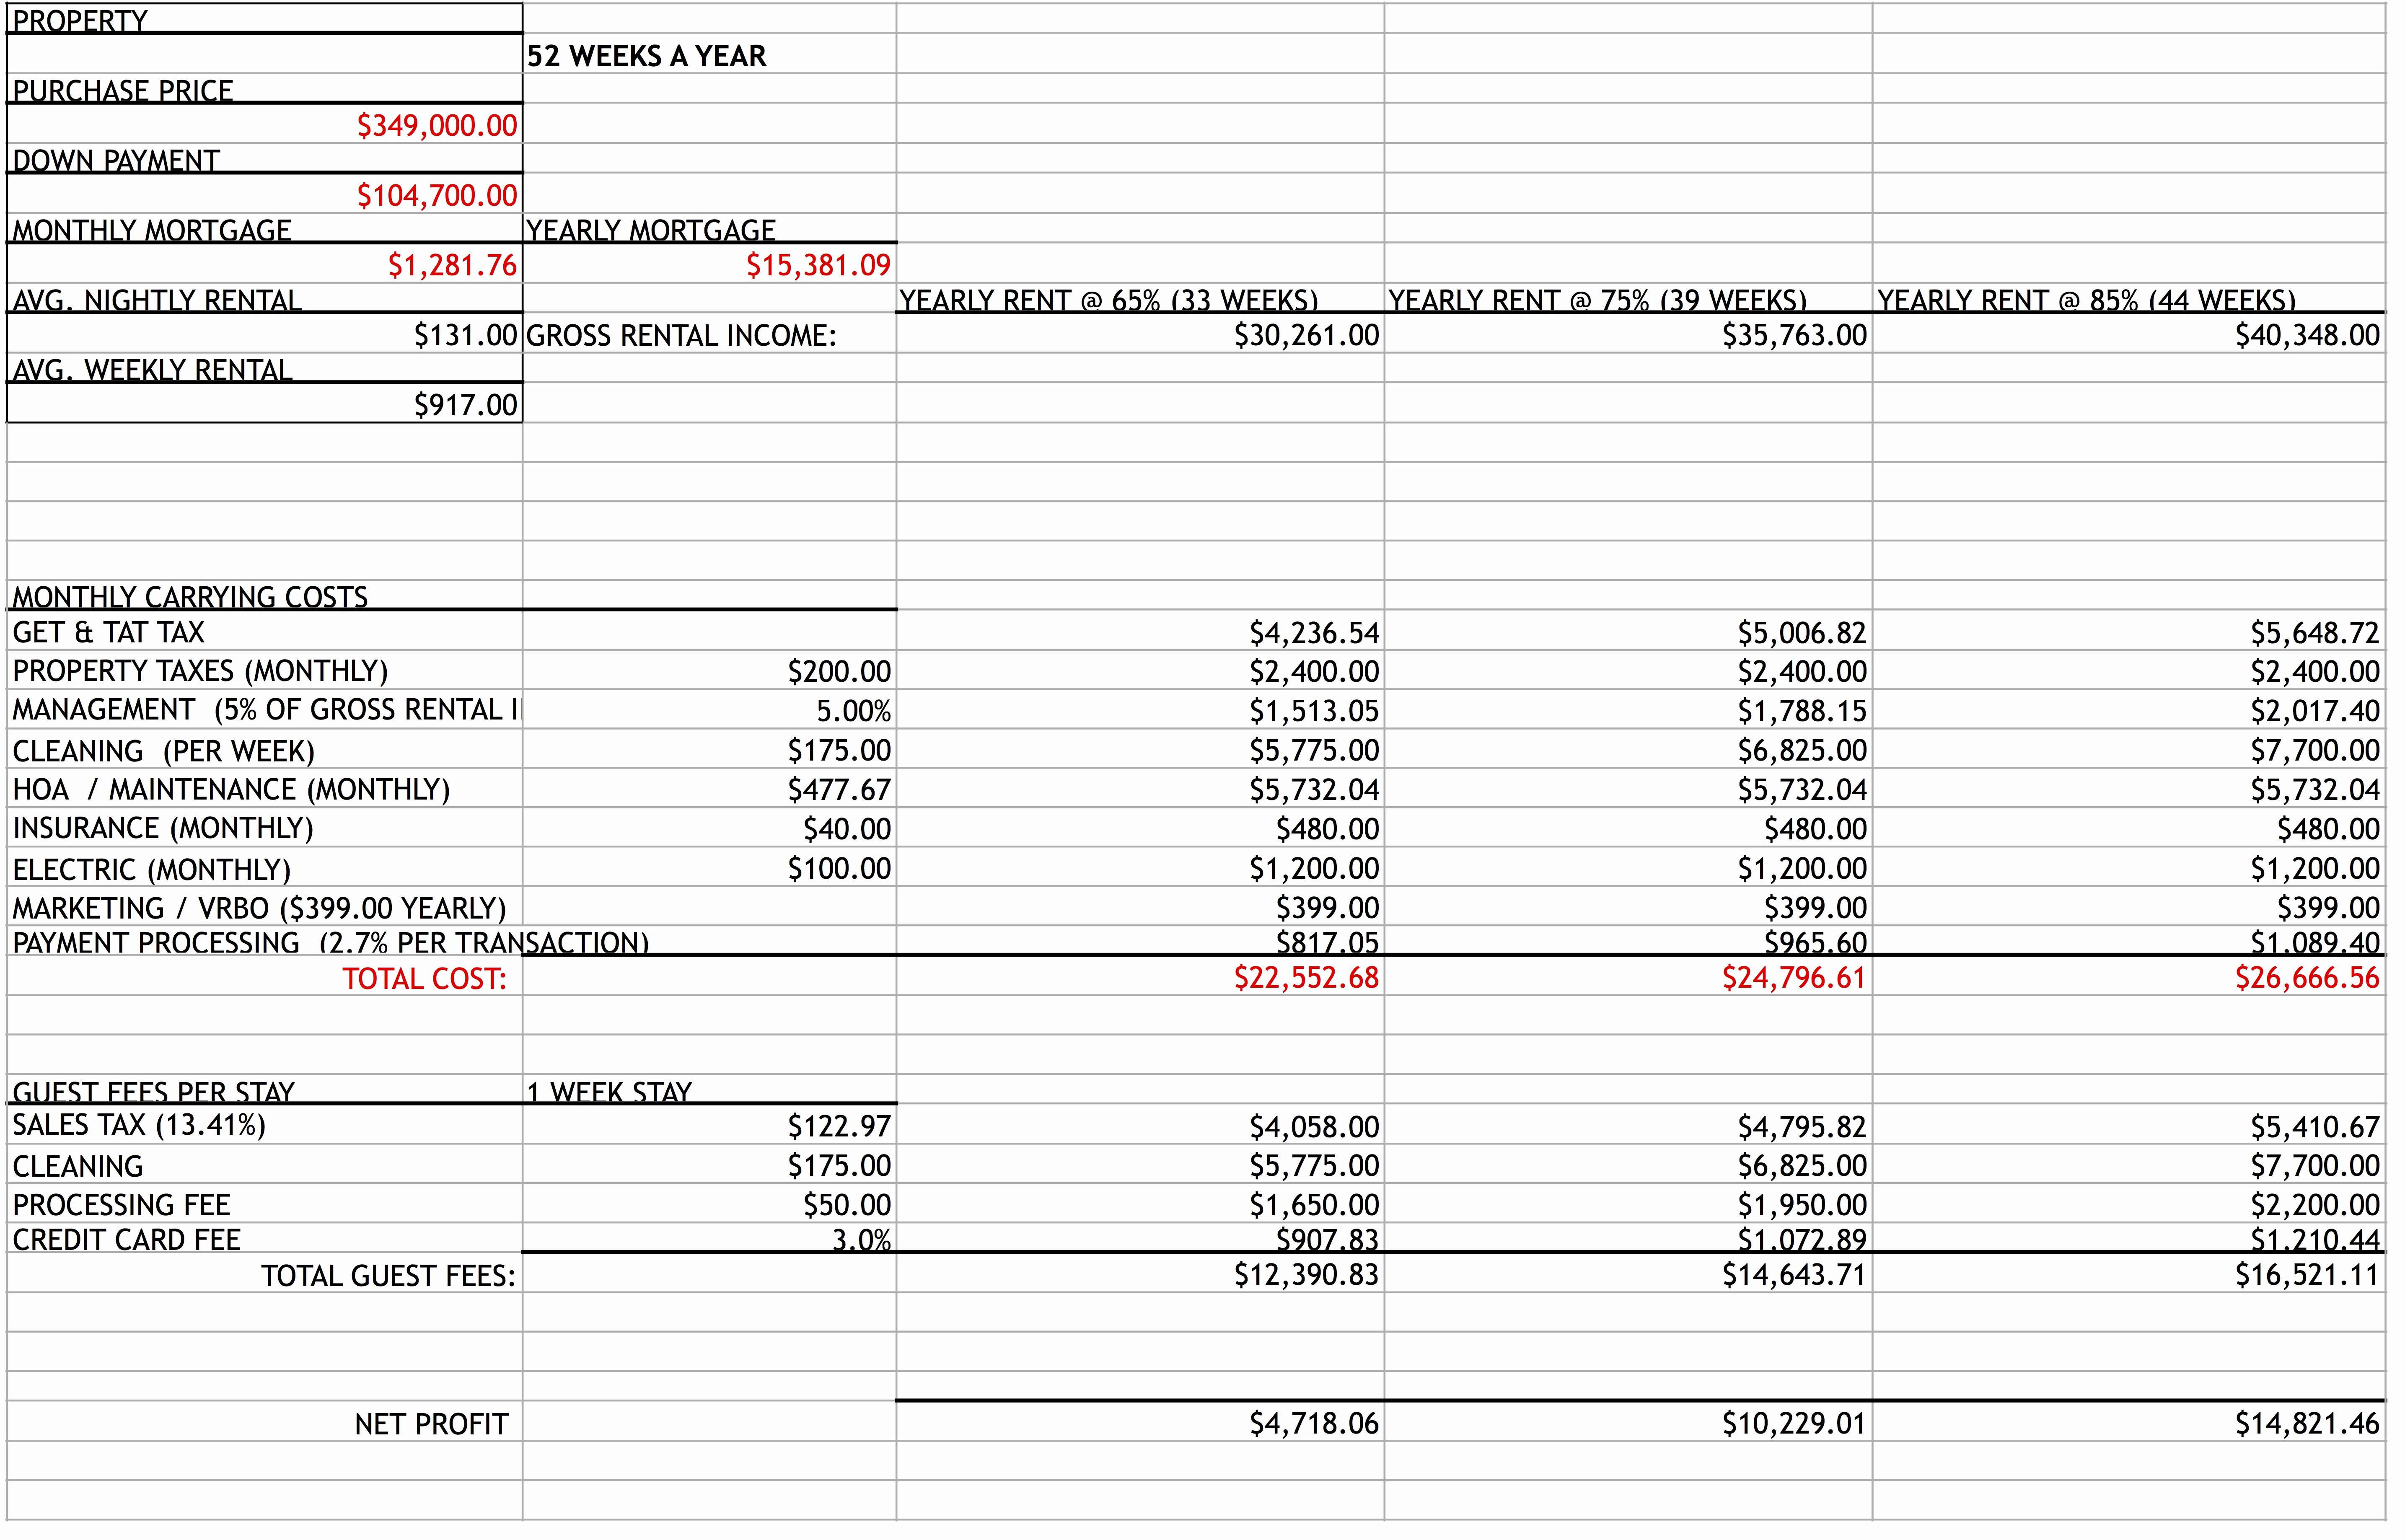 50 30 20 Budget Excel Spreadsheet Inside 50 30 20 Budget Spreadsheet Lovely 50 30 20 Bud Spreadsheet